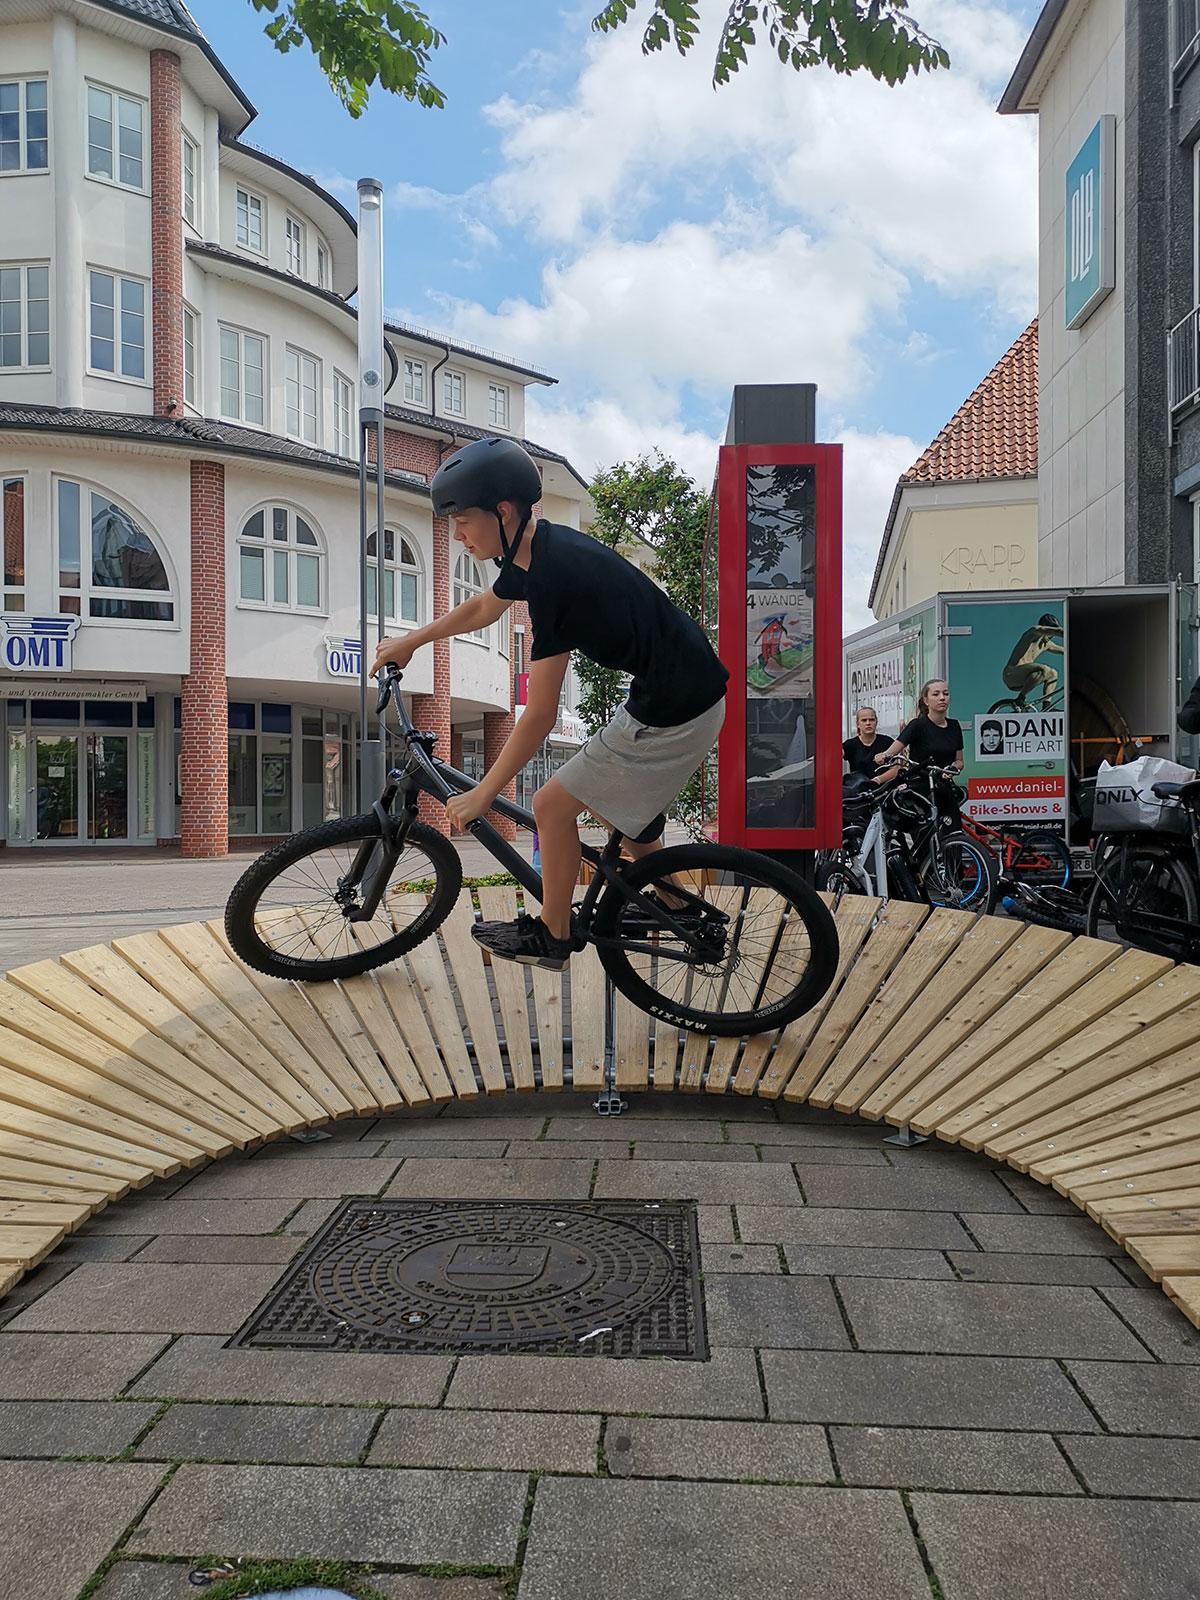 daniel-rall-bike-artist-hornberg-corona-challenge